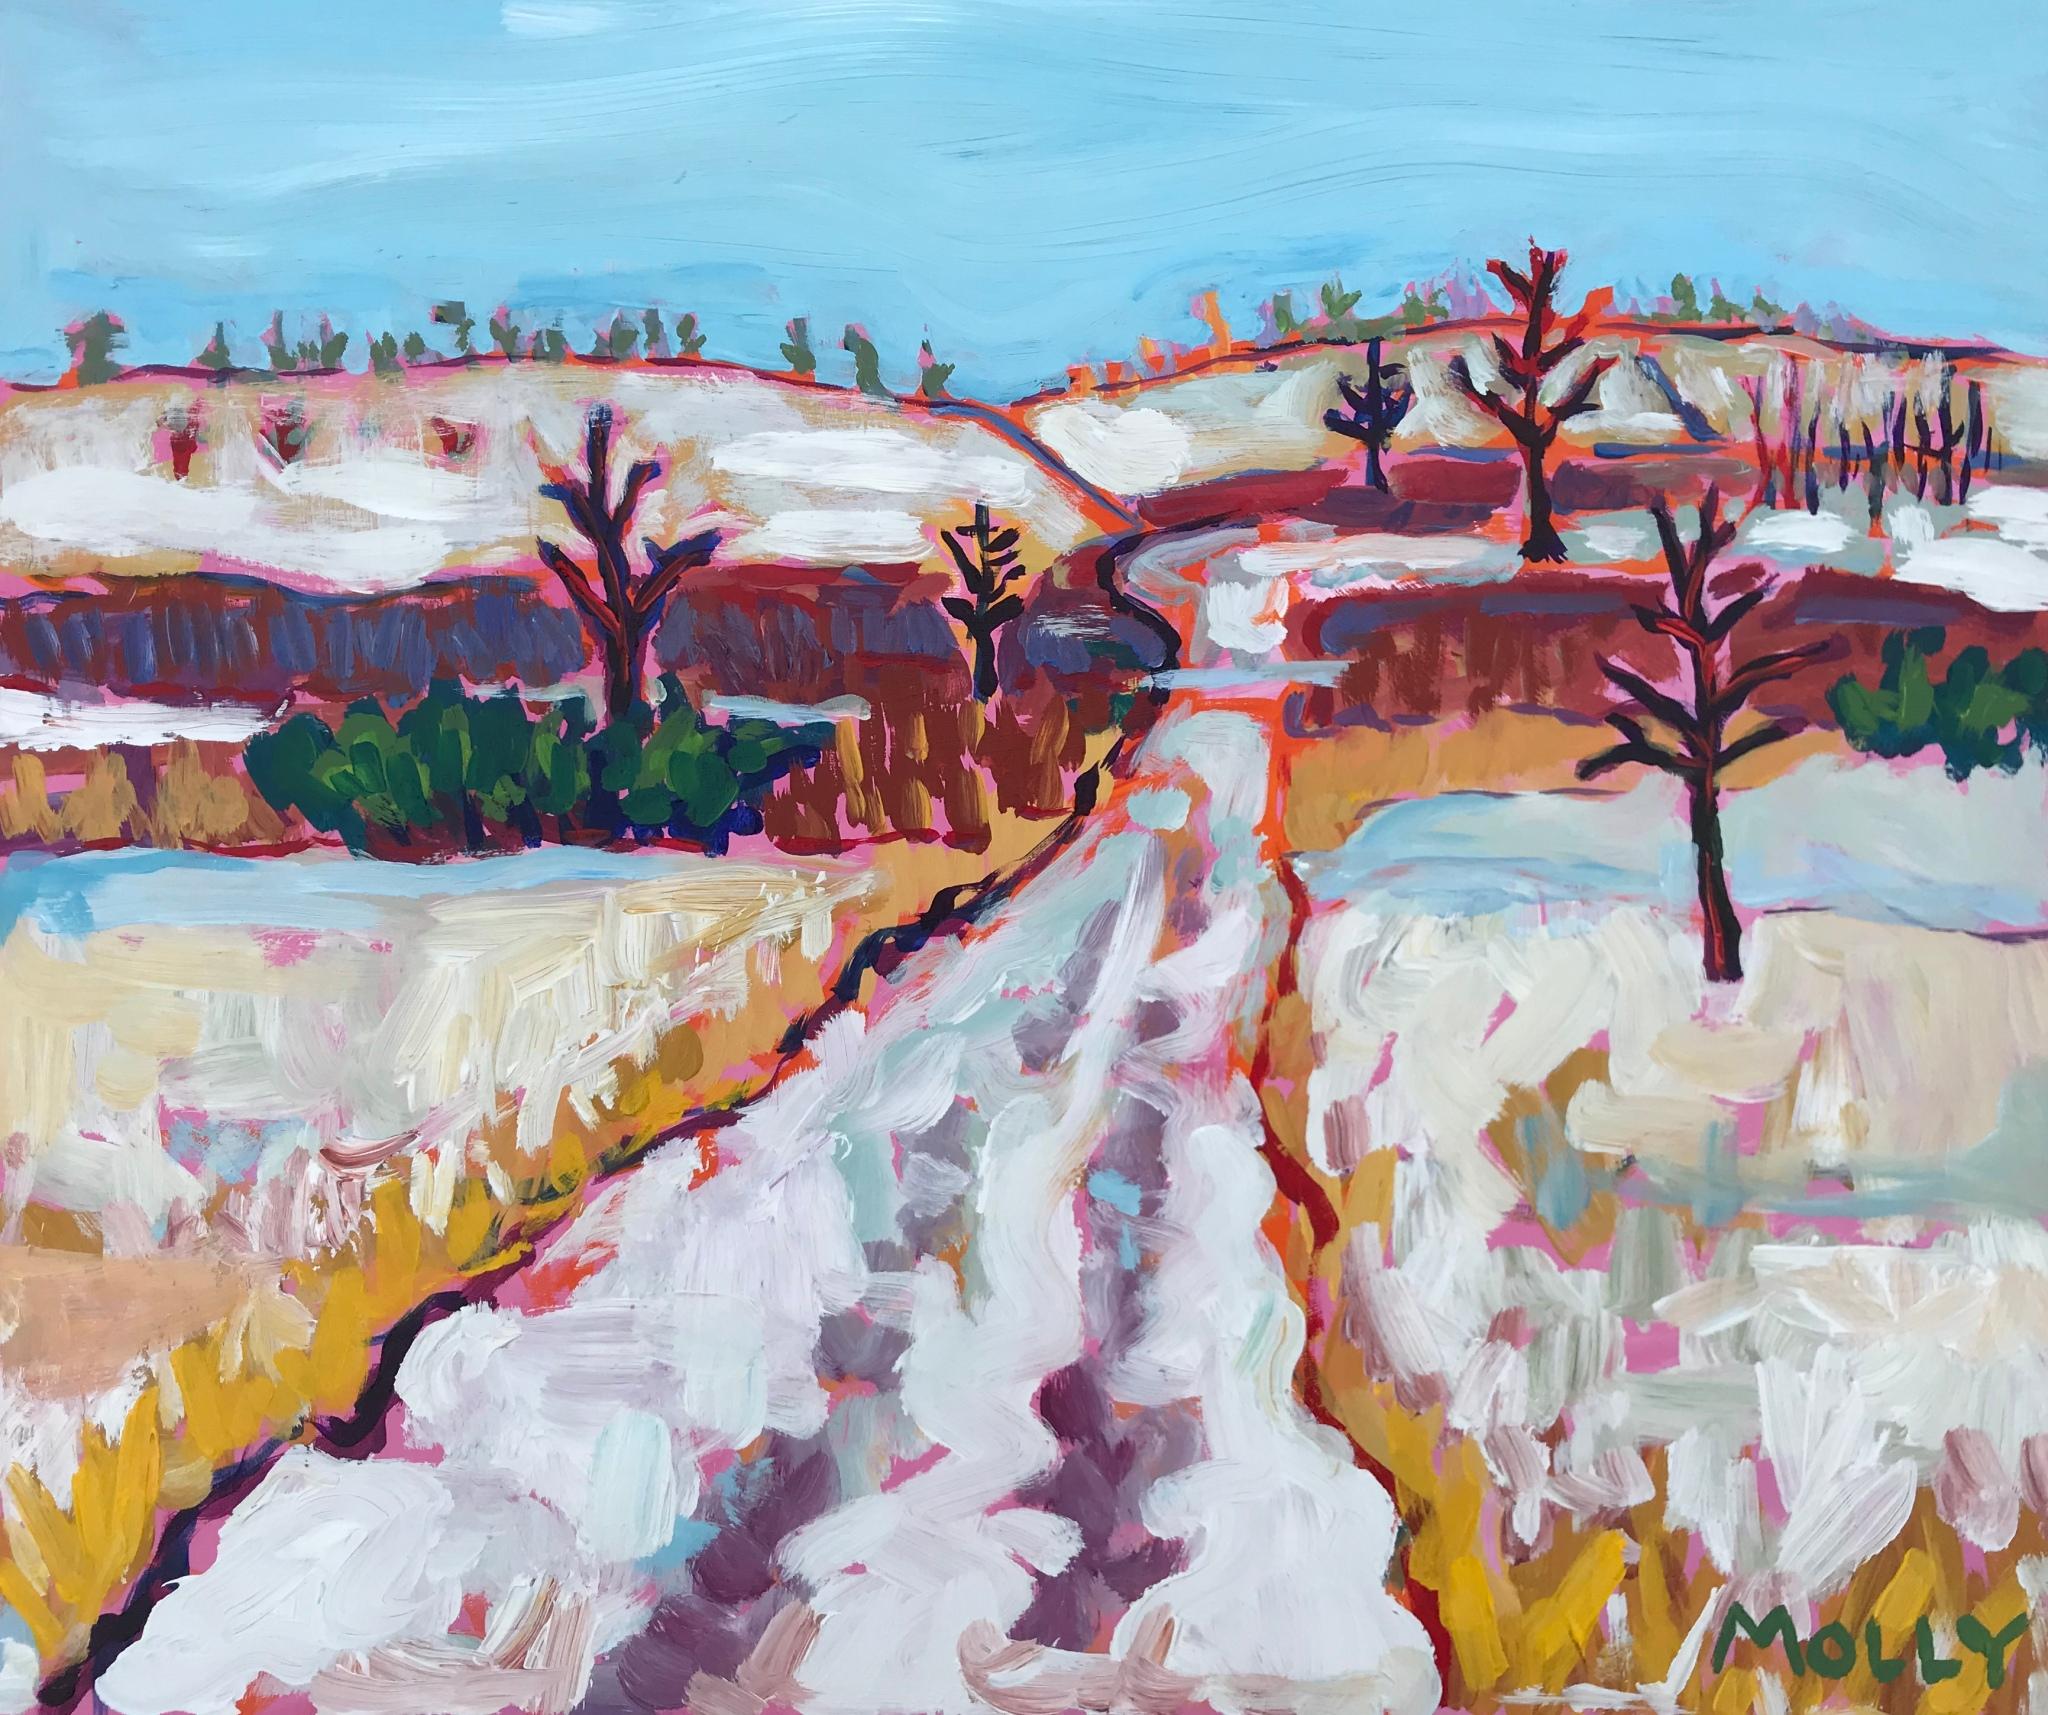 Winter Walk #1, 20x24